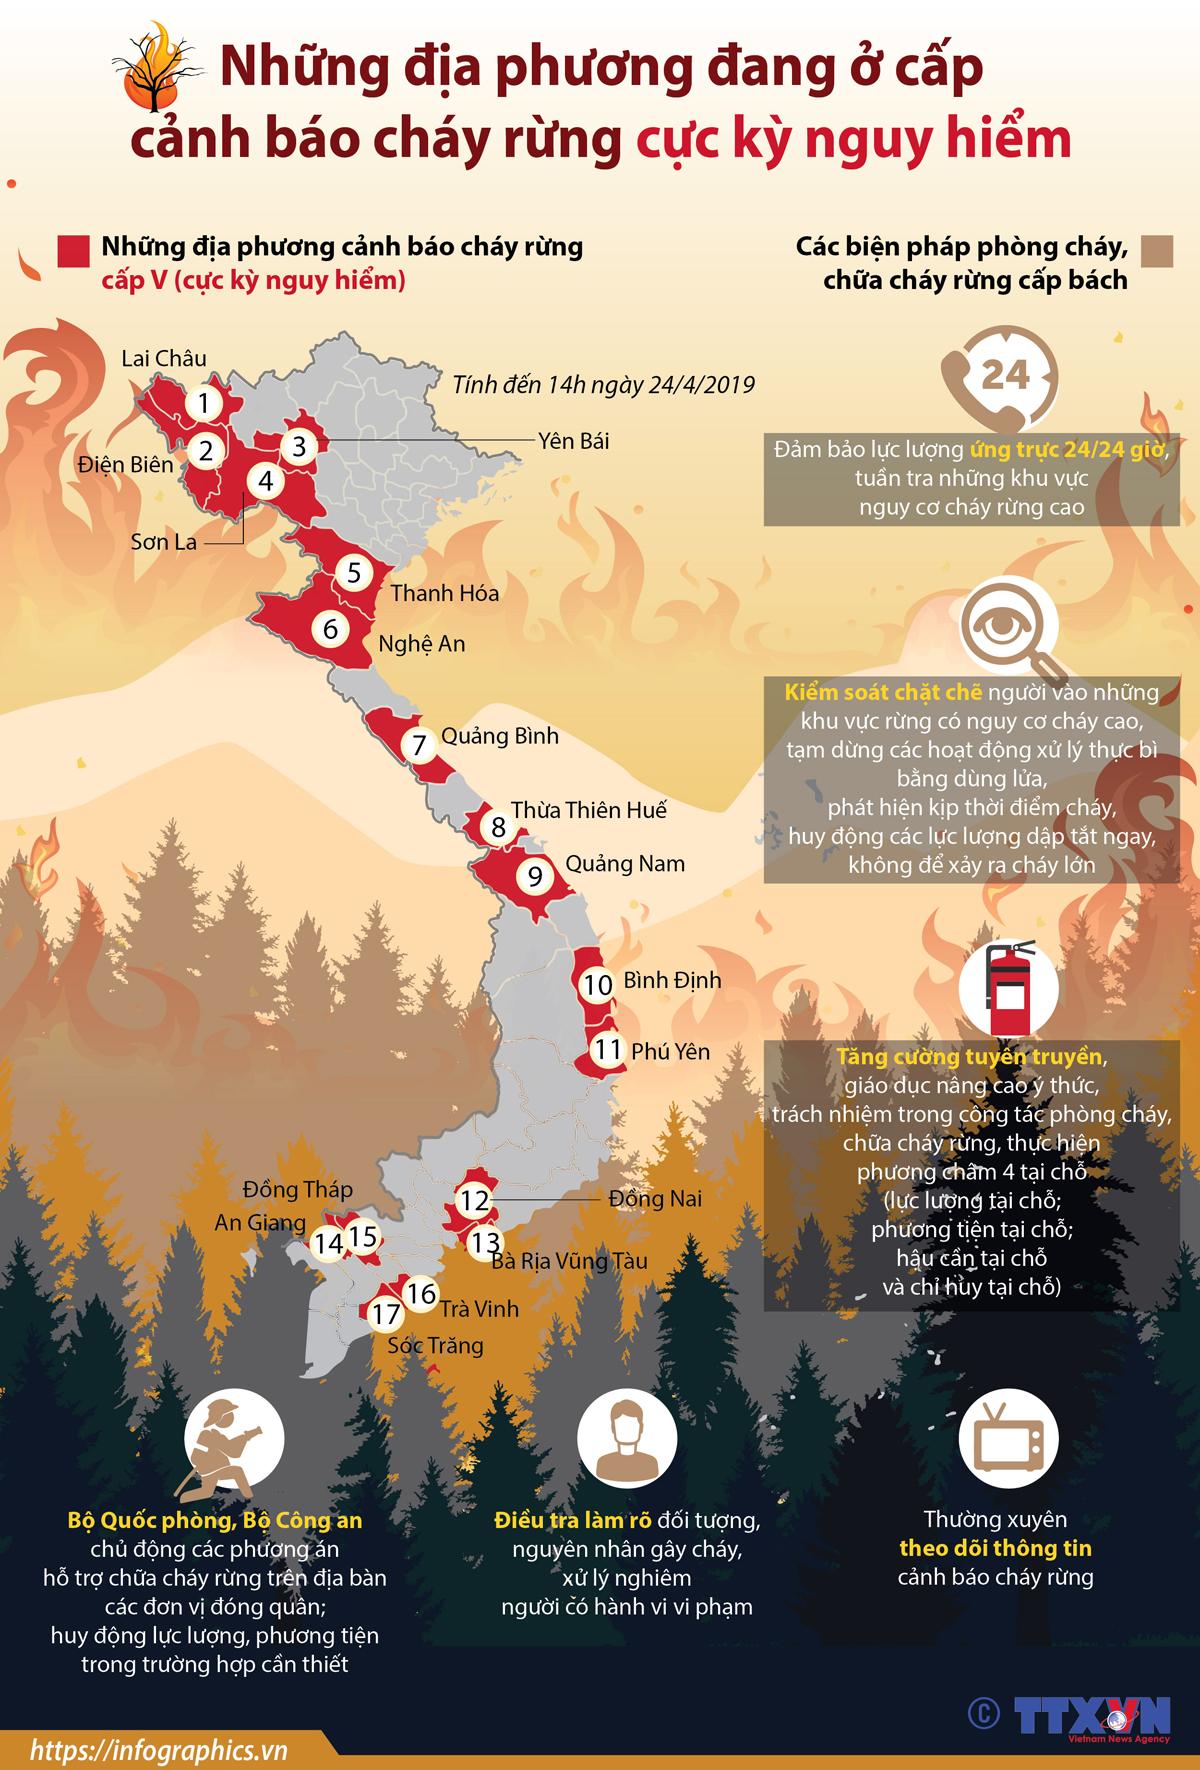 địa phương, cảnh báo, cháy rừng, cảnh báo cháy rừng, cực kỳ nguy hiểm